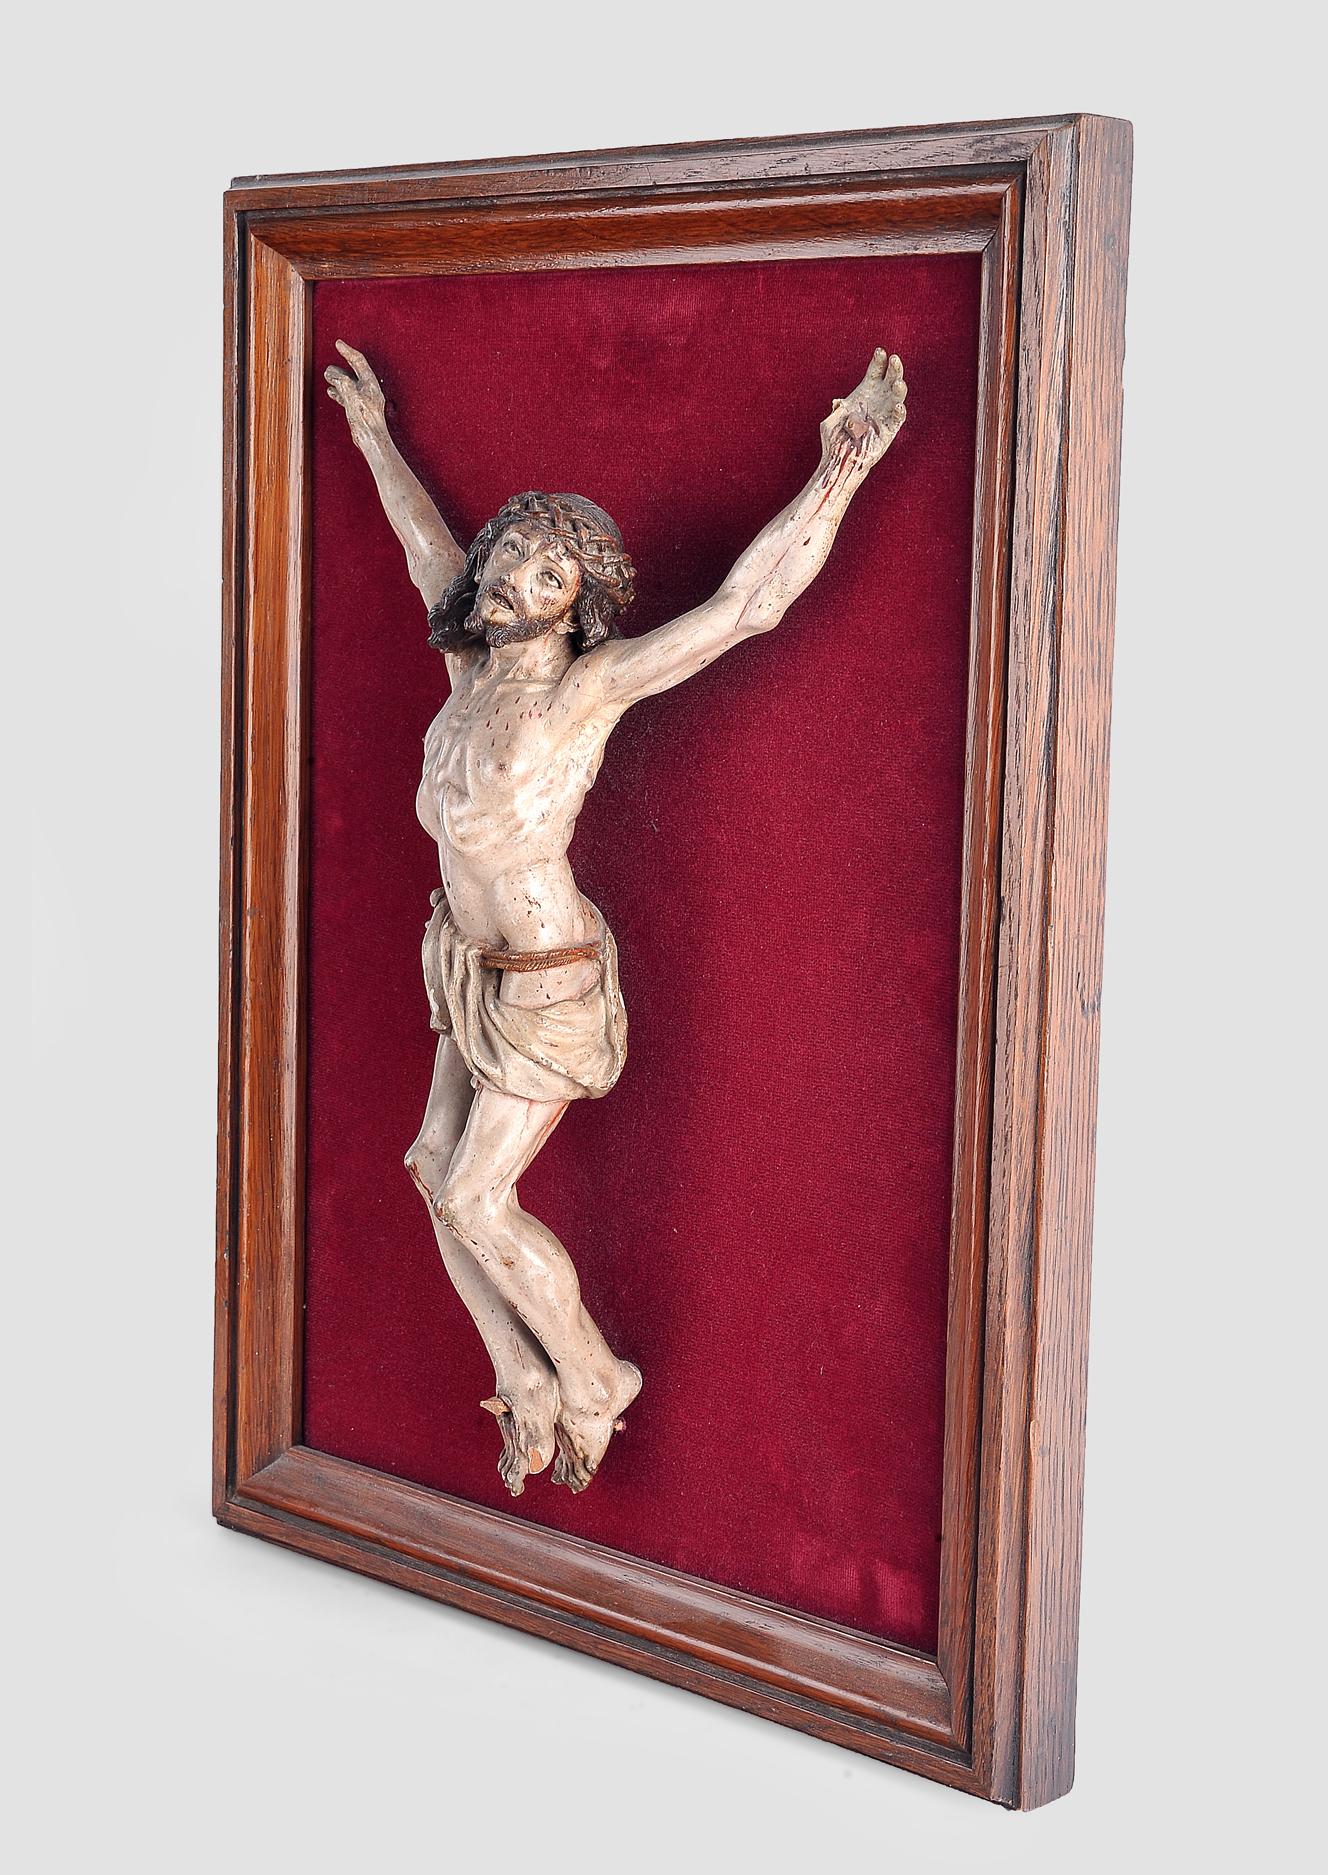 Christo Vivo, Spanien, 17. Jahrhundert - Image 5 of 8